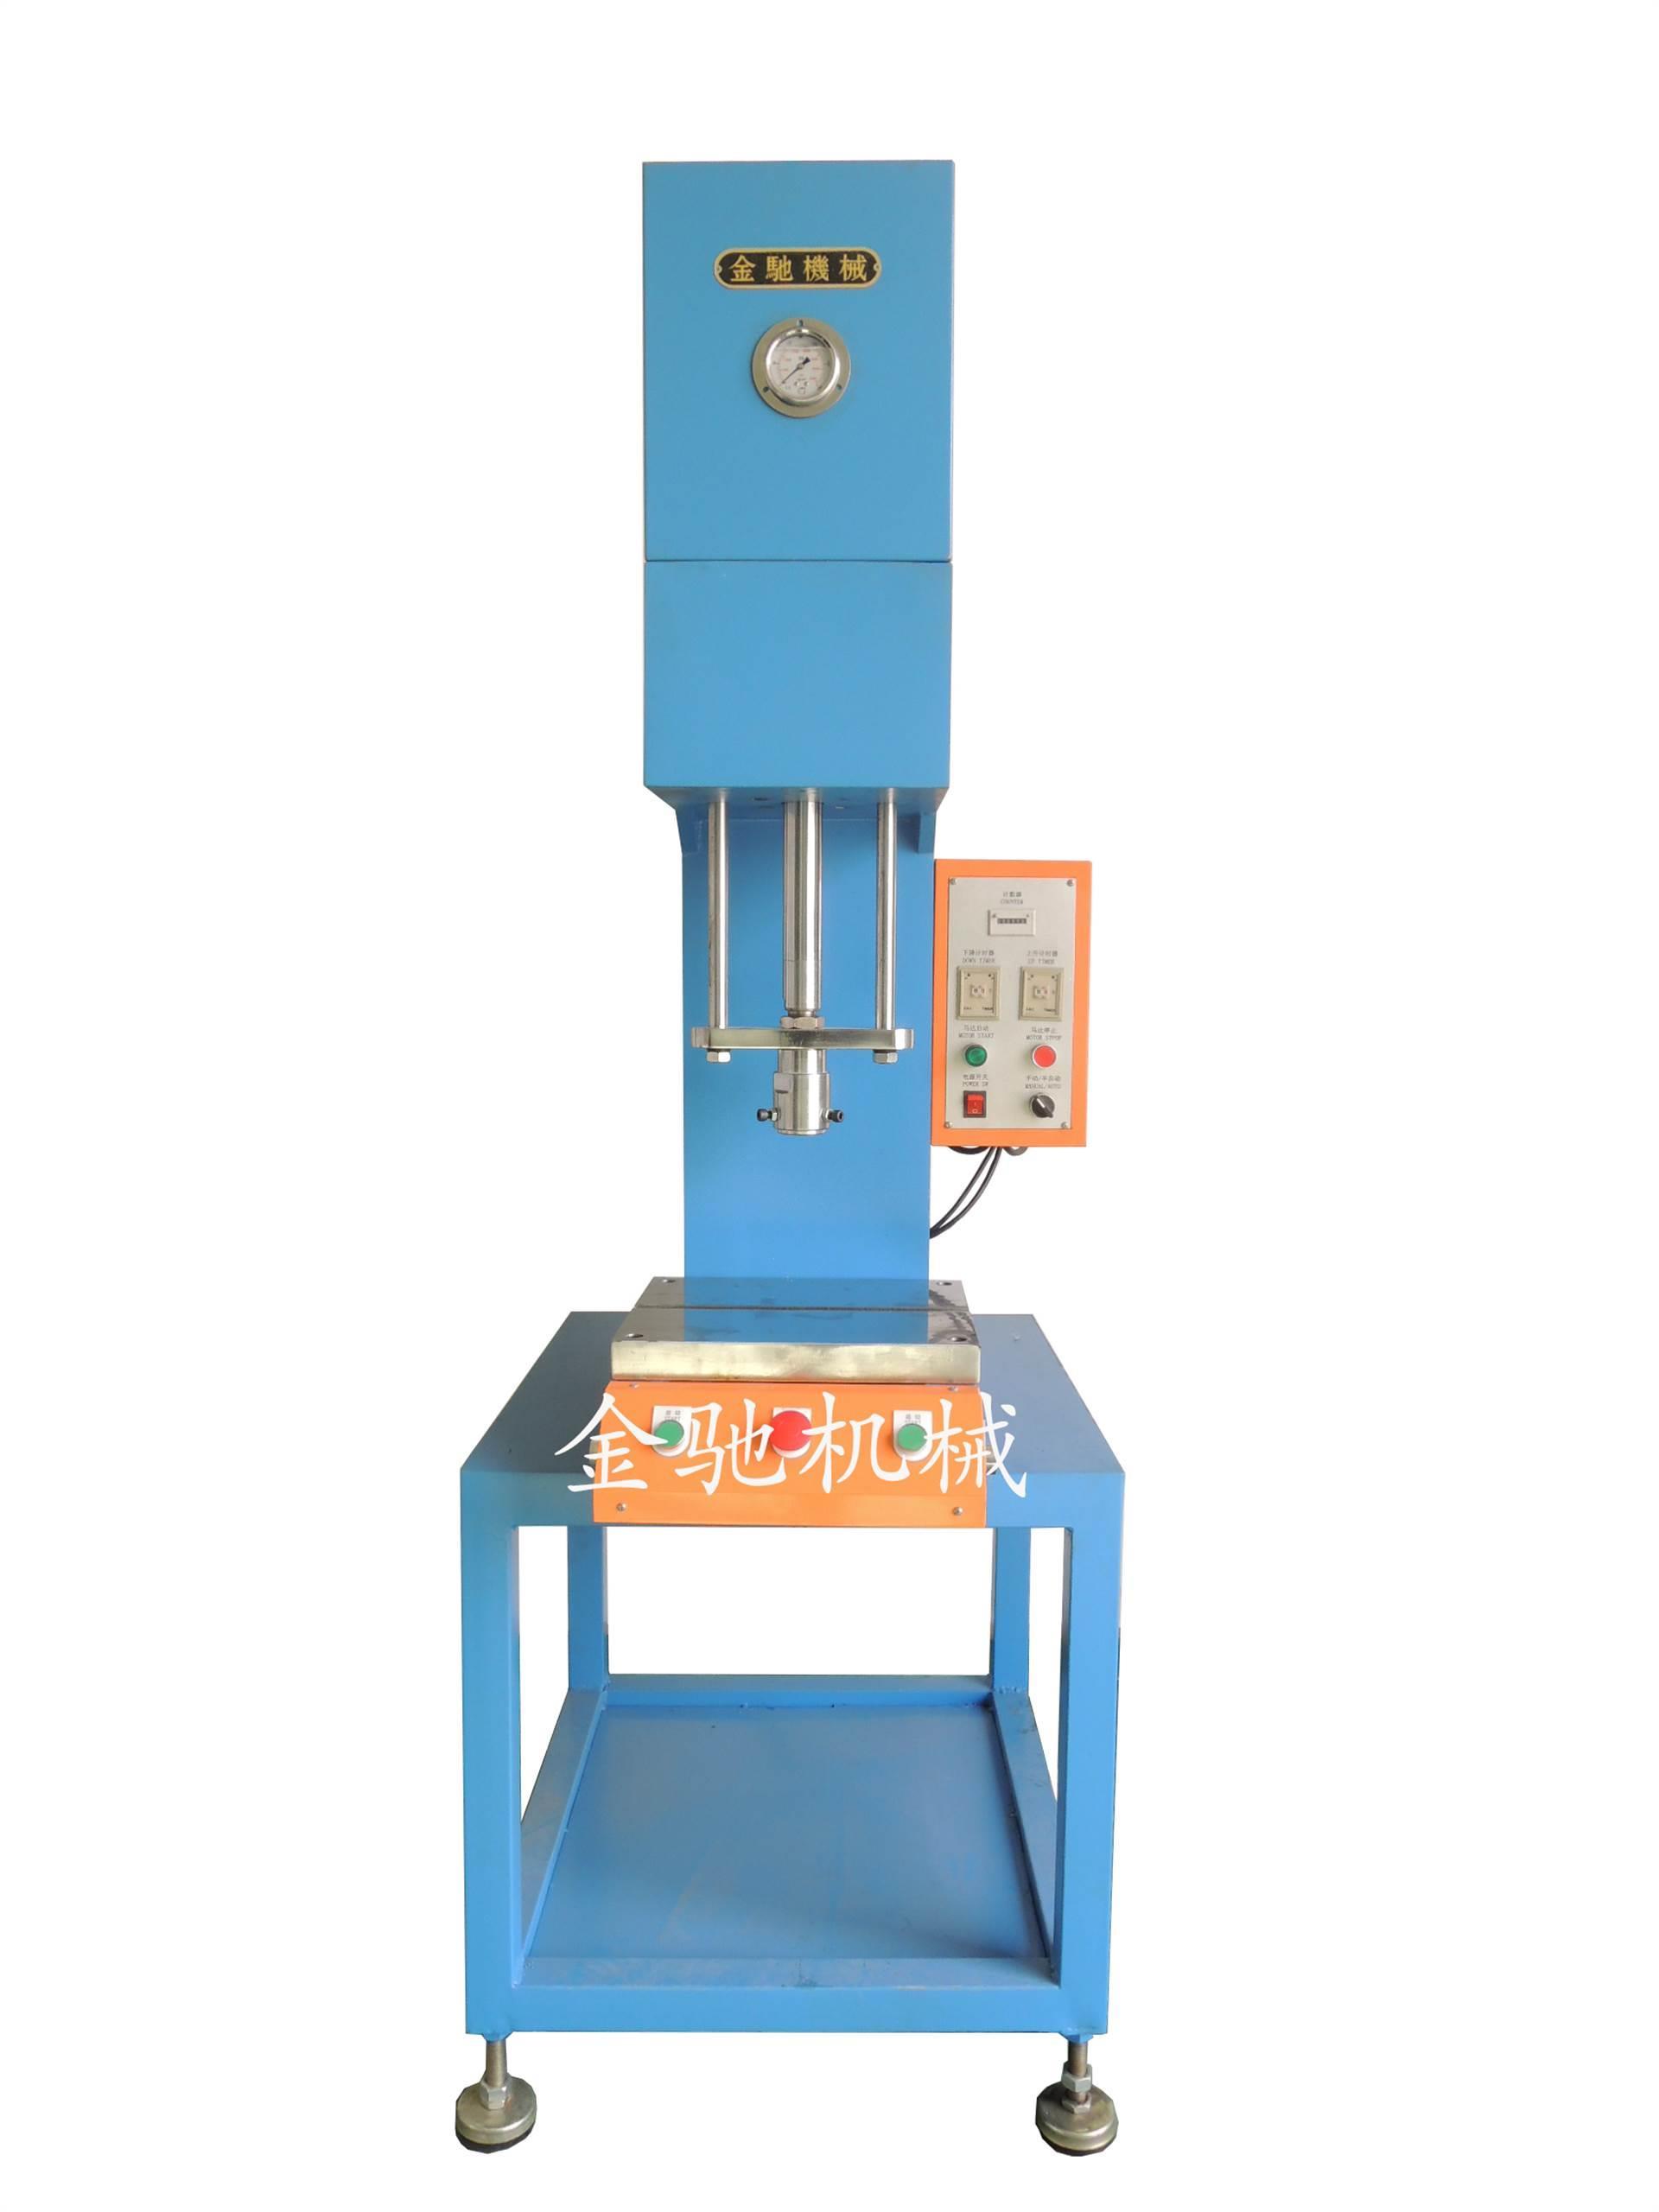 厂家直销纸制品冲孔机 小型压孔专用液压单柱压力机 纸板打孔机